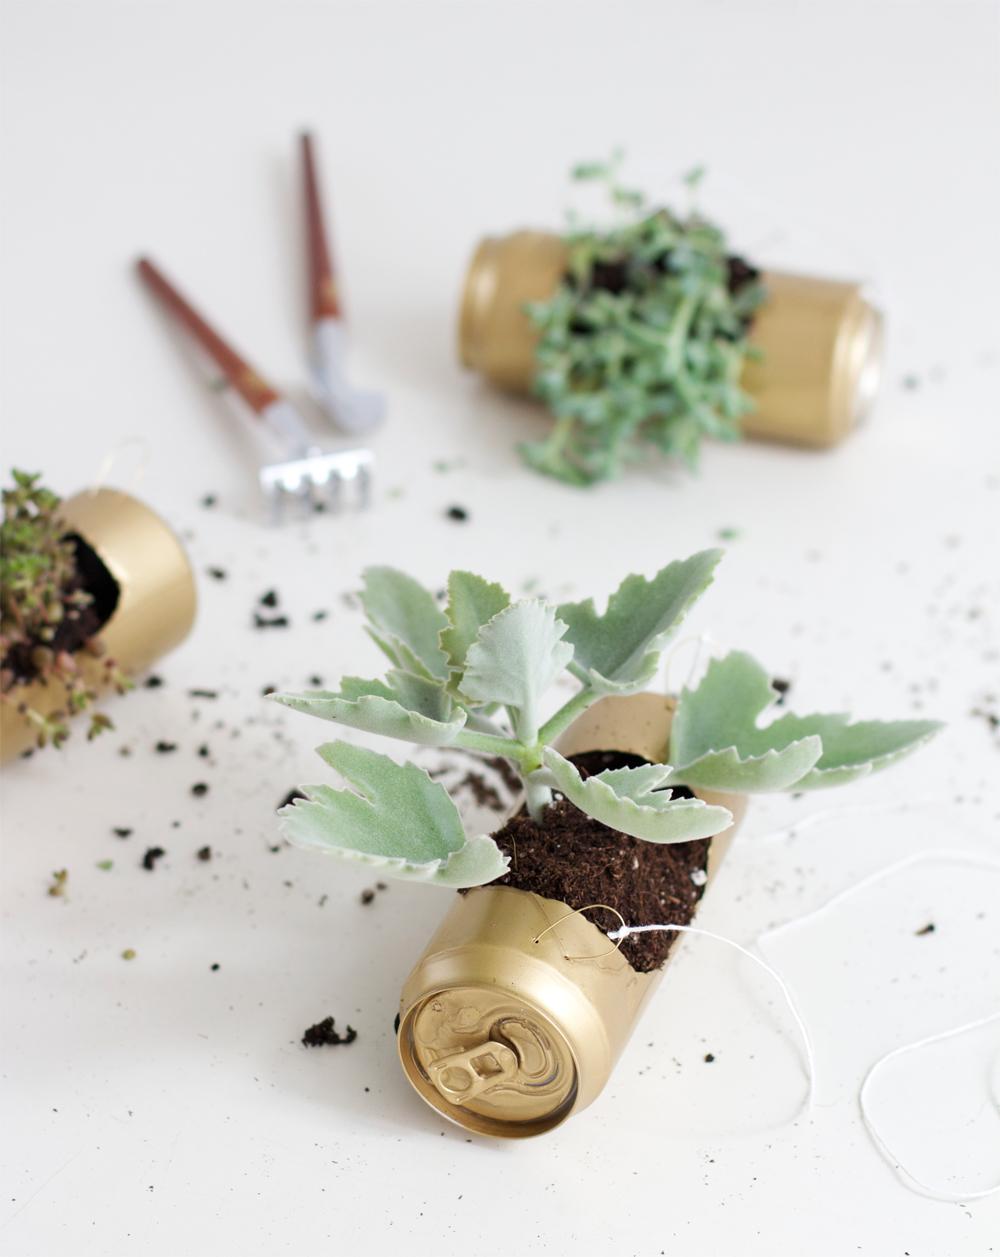 Hängegarten aus Dosen |we love handmade